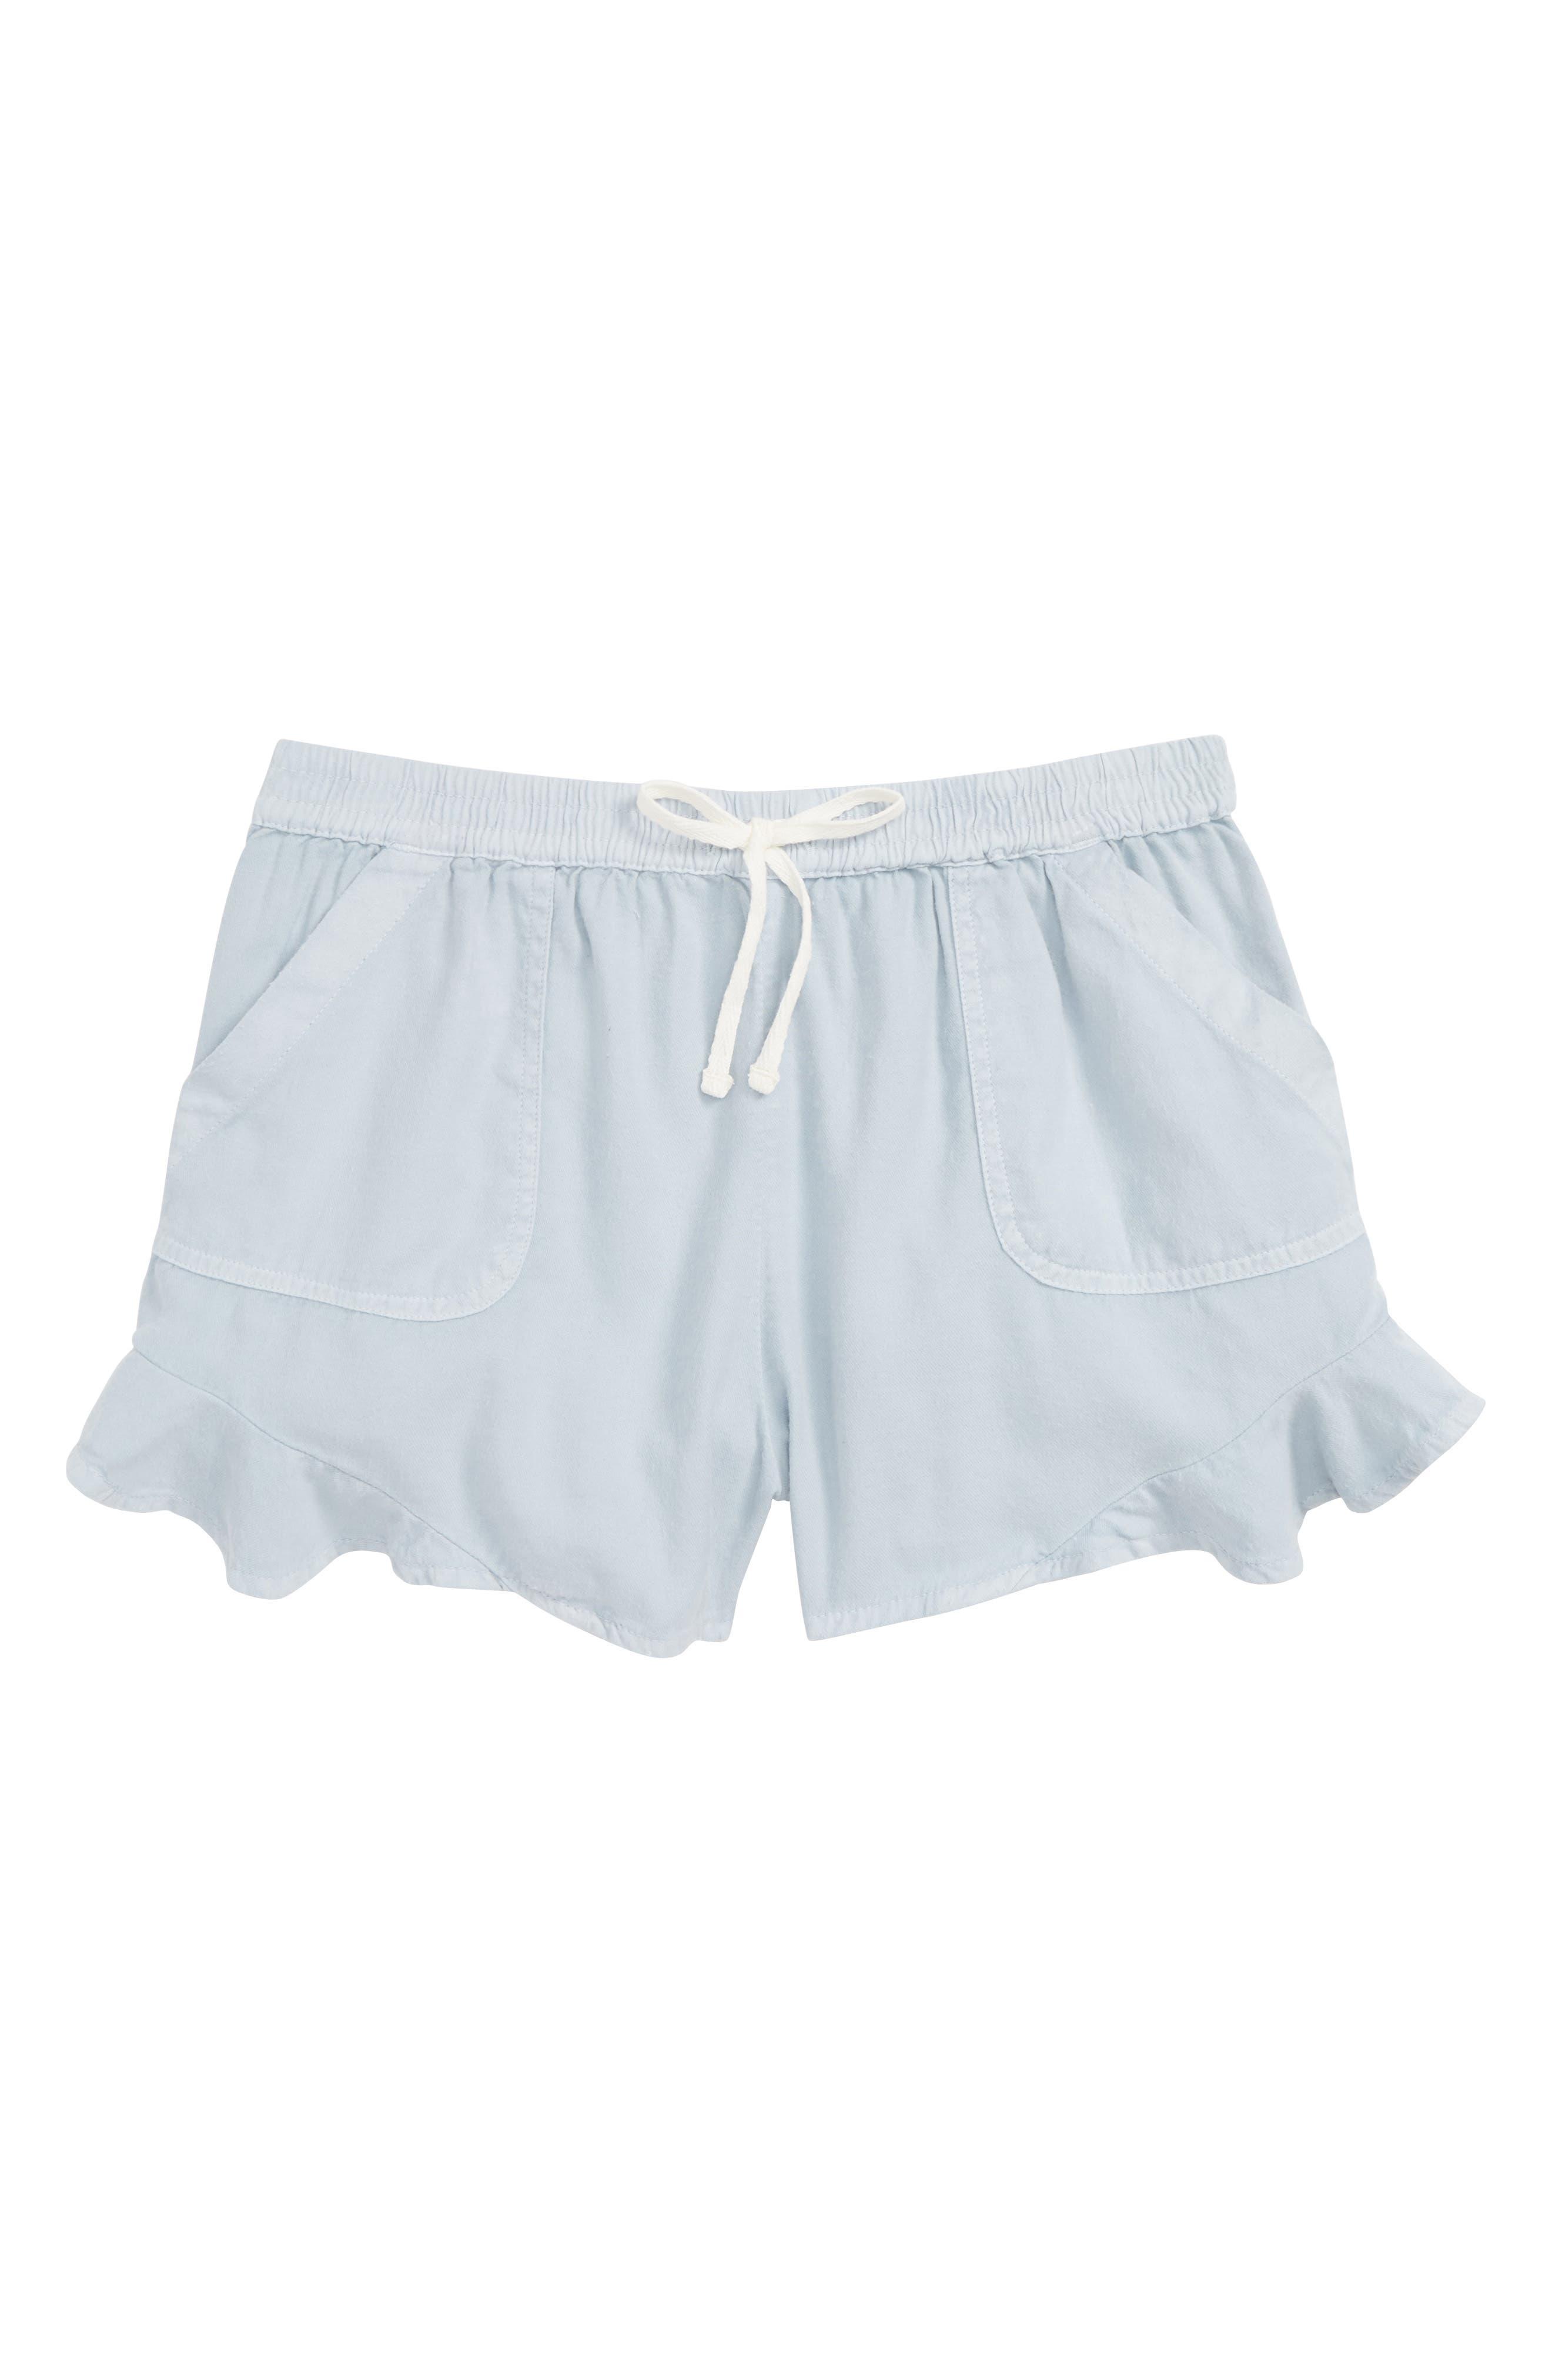 Mad For Summer Shorts,                             Main thumbnail 1, color,                             CHAMBRAY